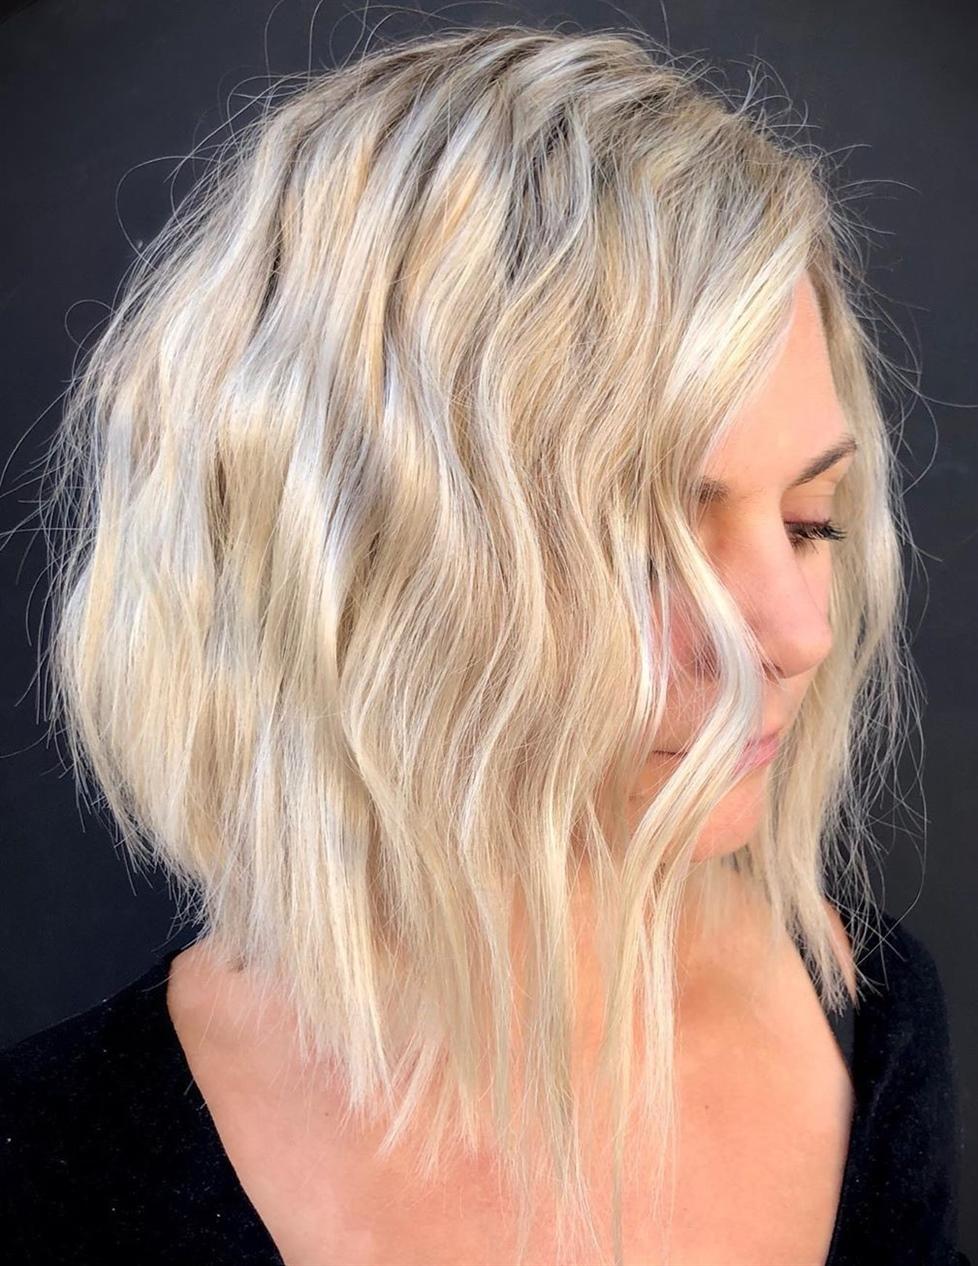 Mittellange Hairschnitte Wellige Stufig  Bei etwas längeren Locken erinnert der charmante Schnitt über die Augen an die besten Sternchen auf der Leinwand. Dies ist ein eleganter, herausragender Look, der sowohl fertig als auch ungeschminkt aussieht.